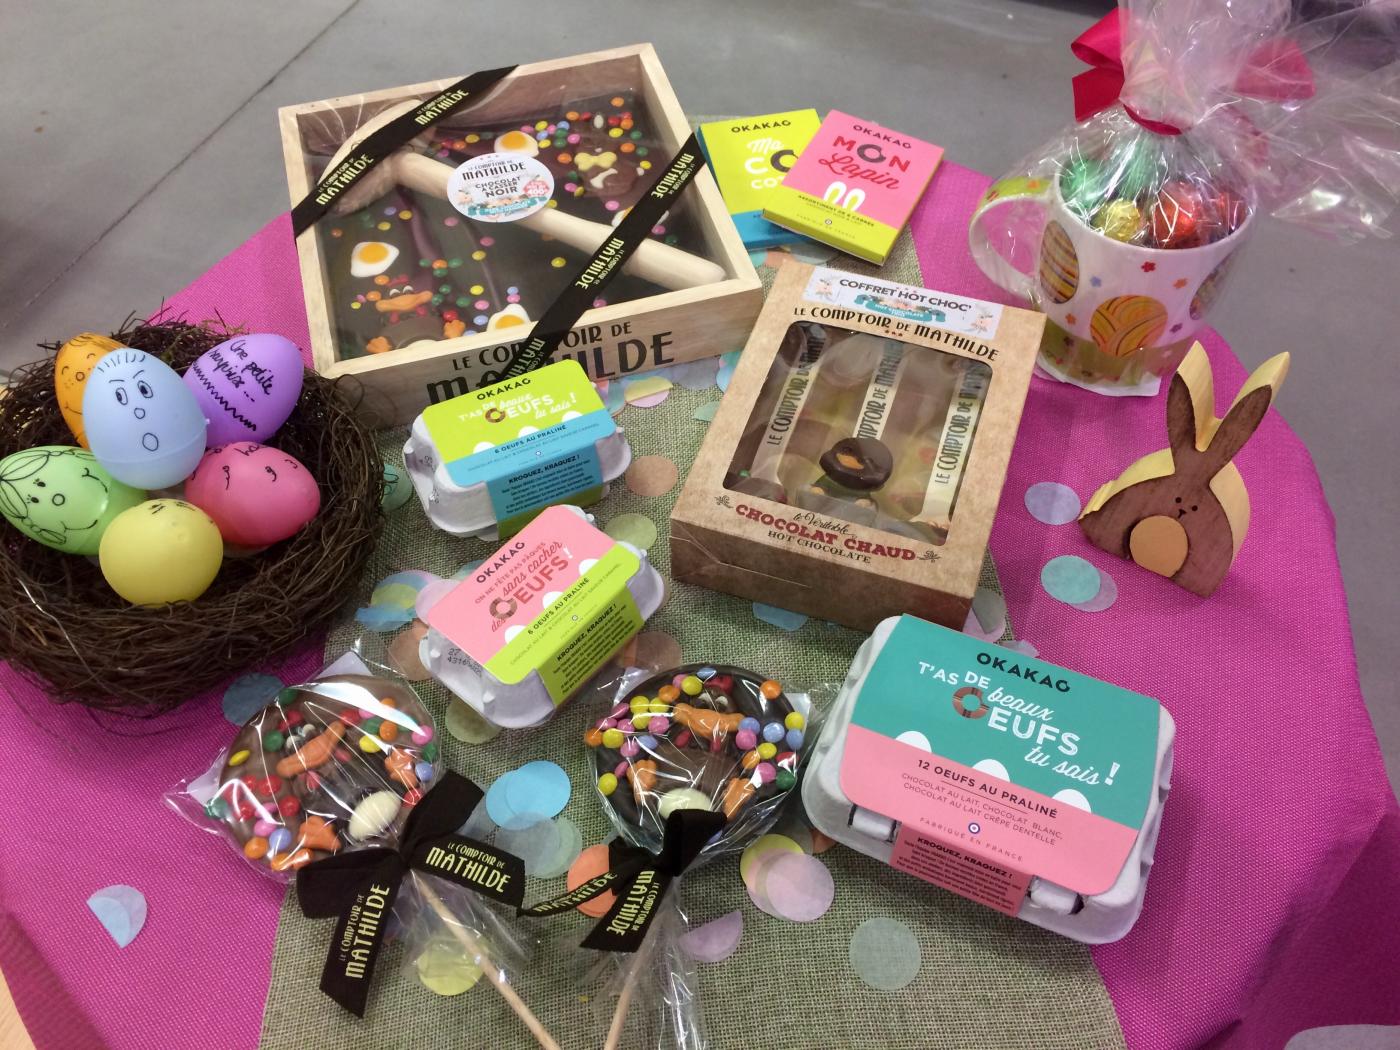 Oeufs, lapins, poussins, cocottes ... bientôt Pâques !!!